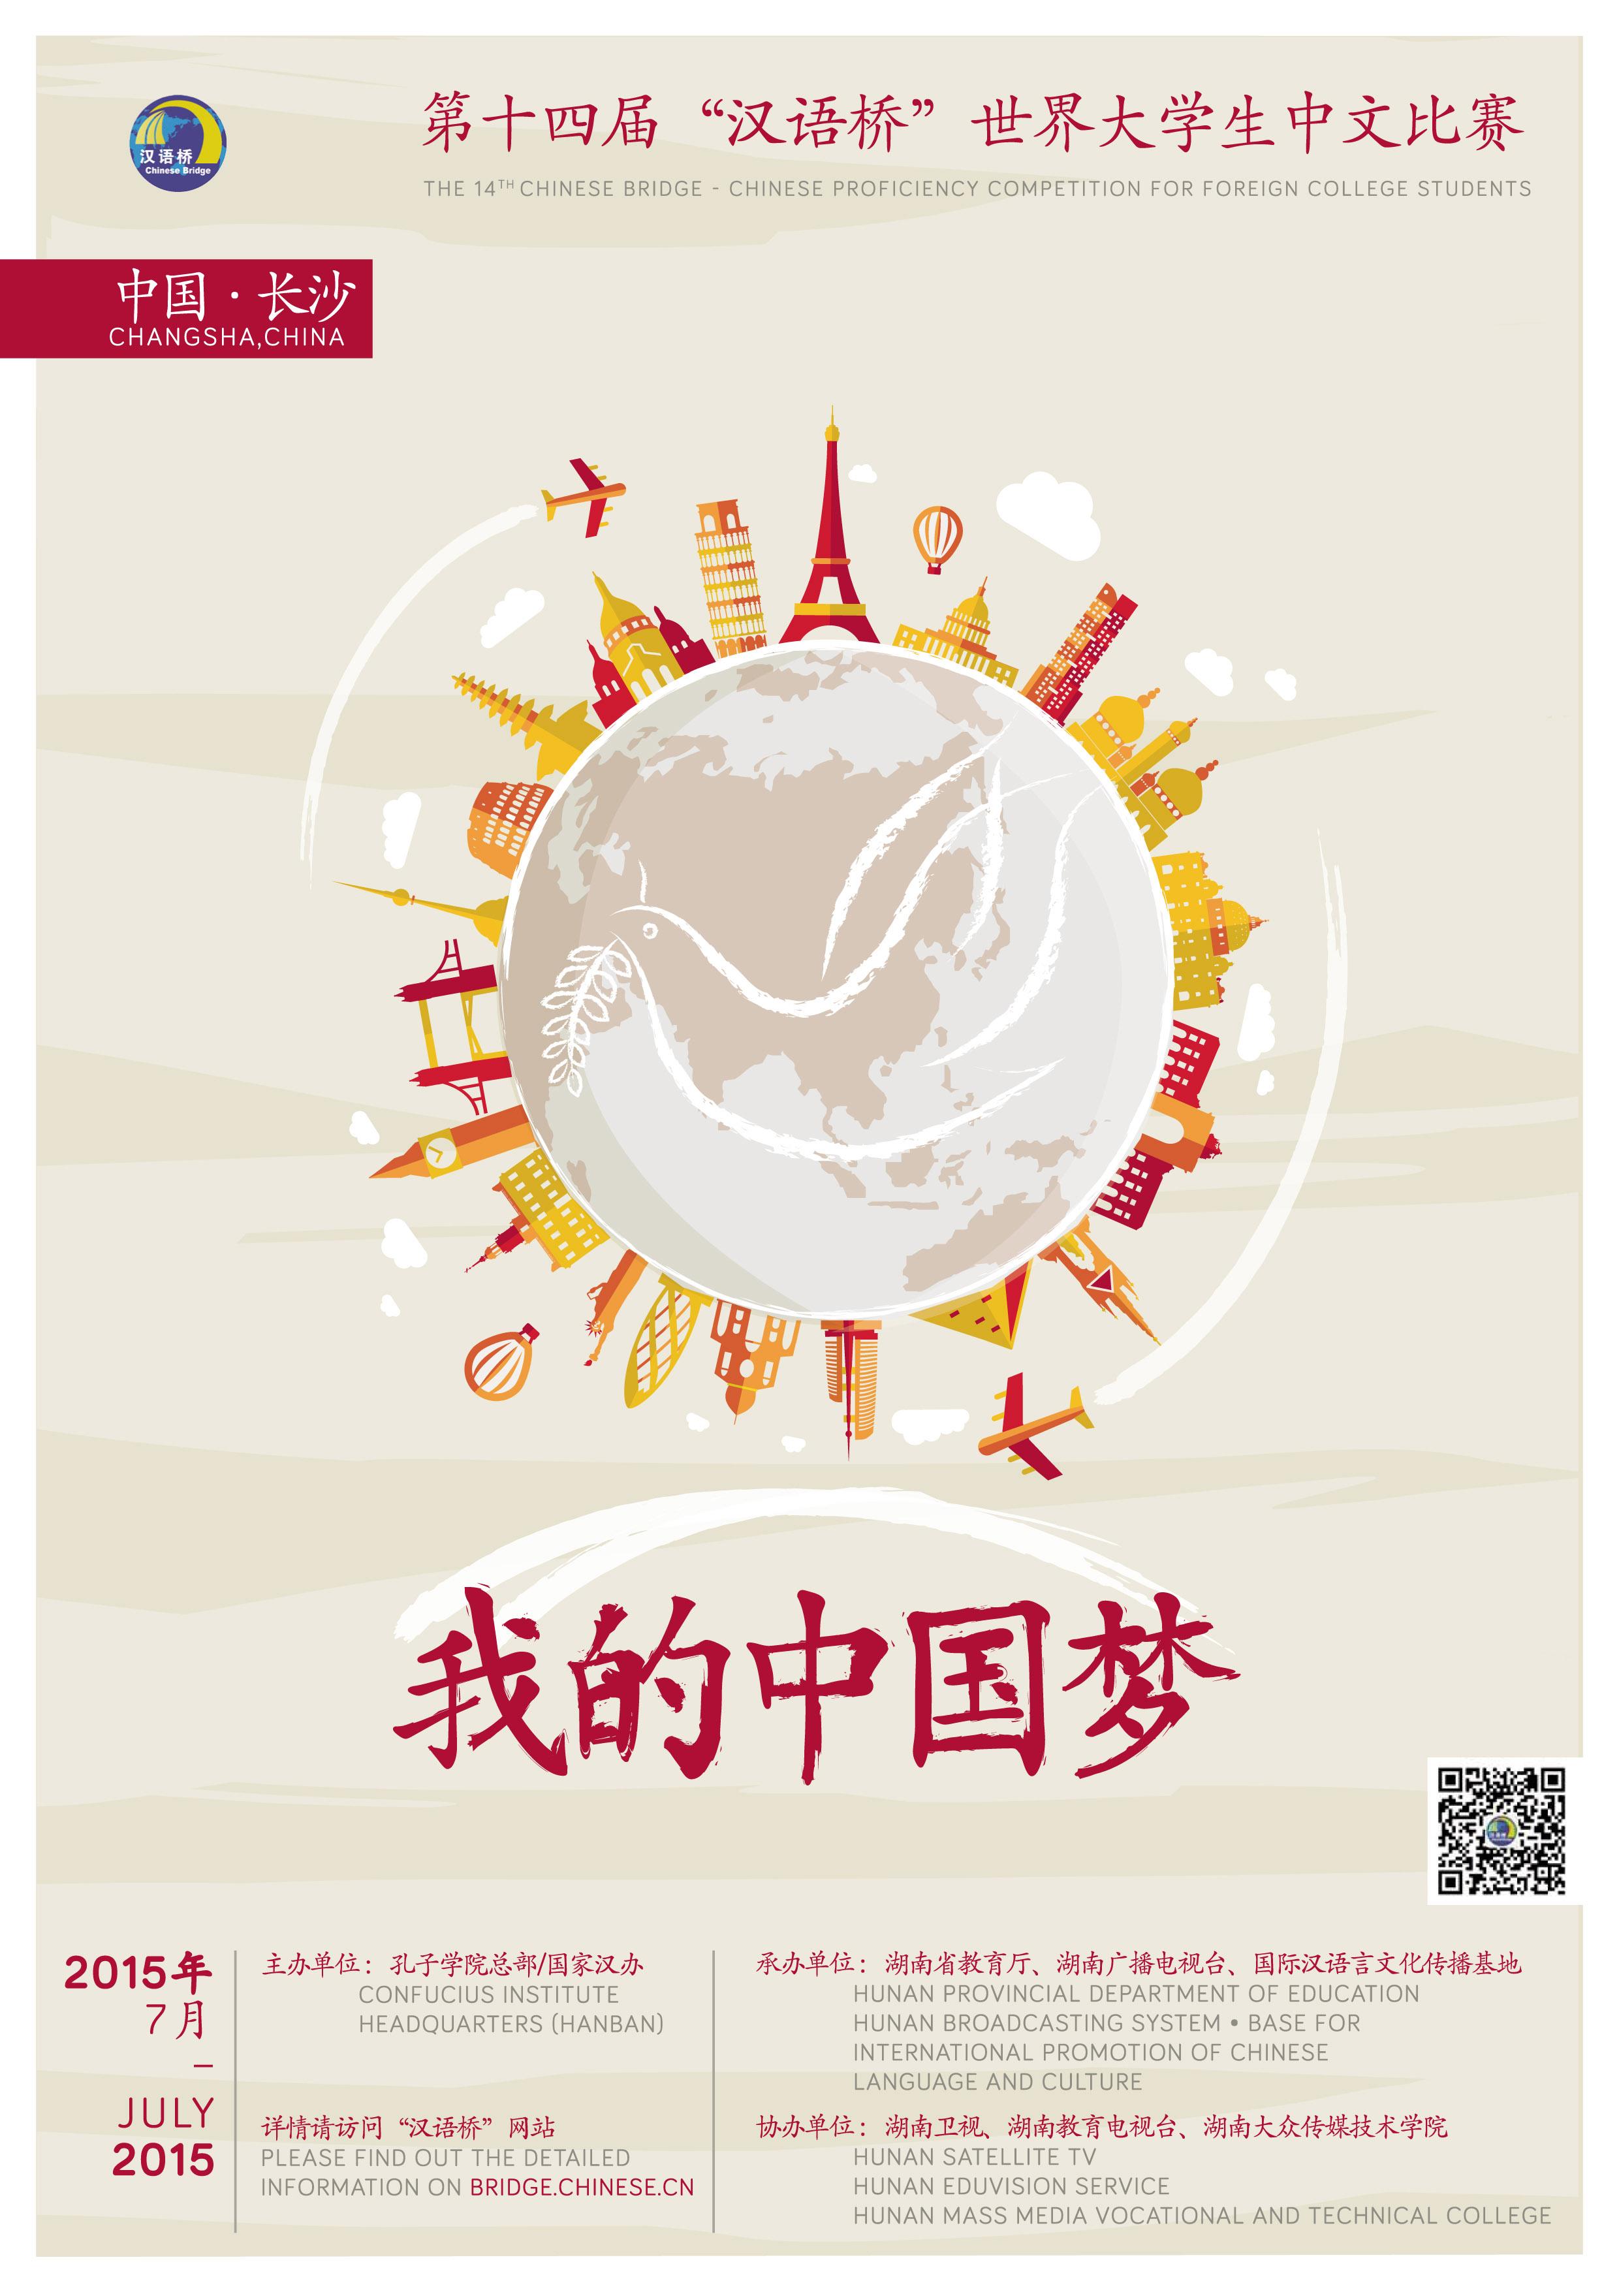 2015年第十四届汉语桥世界大学生中文比赛官方海报 (设计师:Elsa Roussillat) 本届汉语桥世界大学生中文比赛以我的中国梦为主题。届时,在海外预赛中脱颖而出的优秀大学生选手将参加复赛和决赛,一展他们出色的汉语能力和亮丽的青春风采。 汉语桥比赛由孔子学院总部/中国国家汉办、湖南省人民政府主办,湖南省教育厅、湖南广播电视台、国际汉语言文化传播基地承办,湖南卫视、湖南大众传媒职业技术学院、湖南教育电视台协办,历时十四载,跨越五大洲。 活动旨在激发各国青年学生学习汉语的积极性,增强世界对